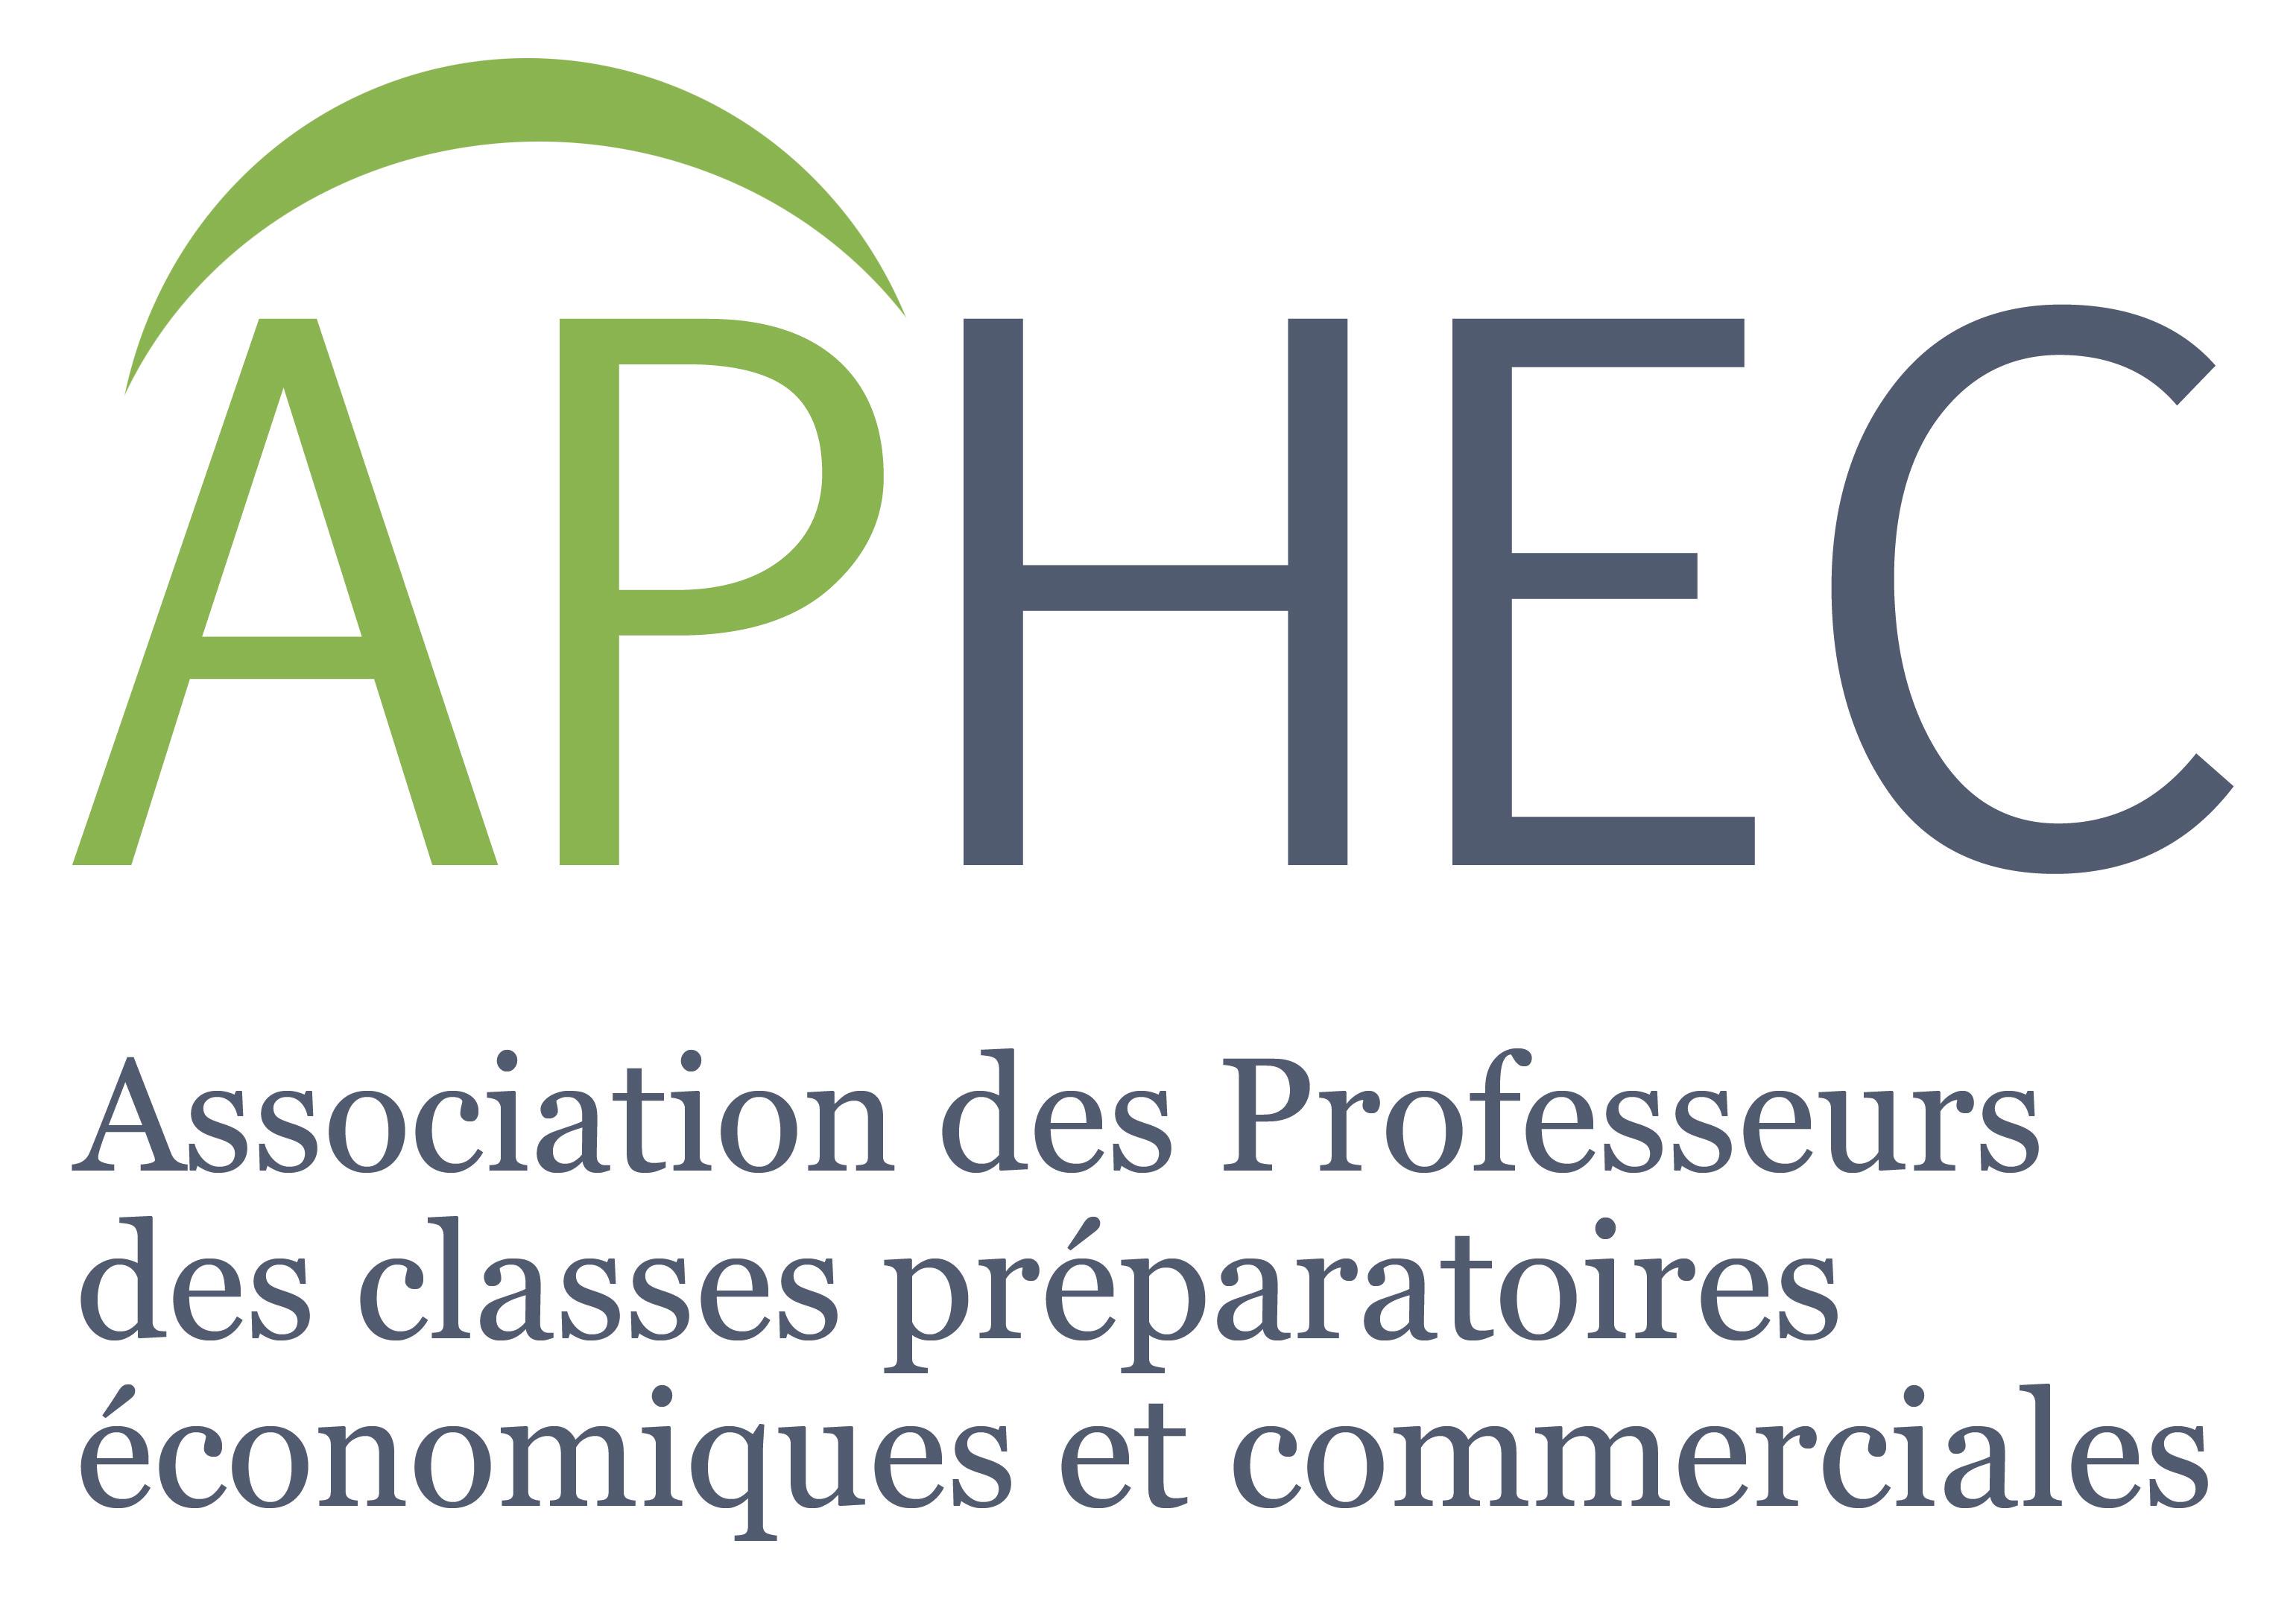 """Résultat de recherche d'images pour """"APHEC logo"""""""